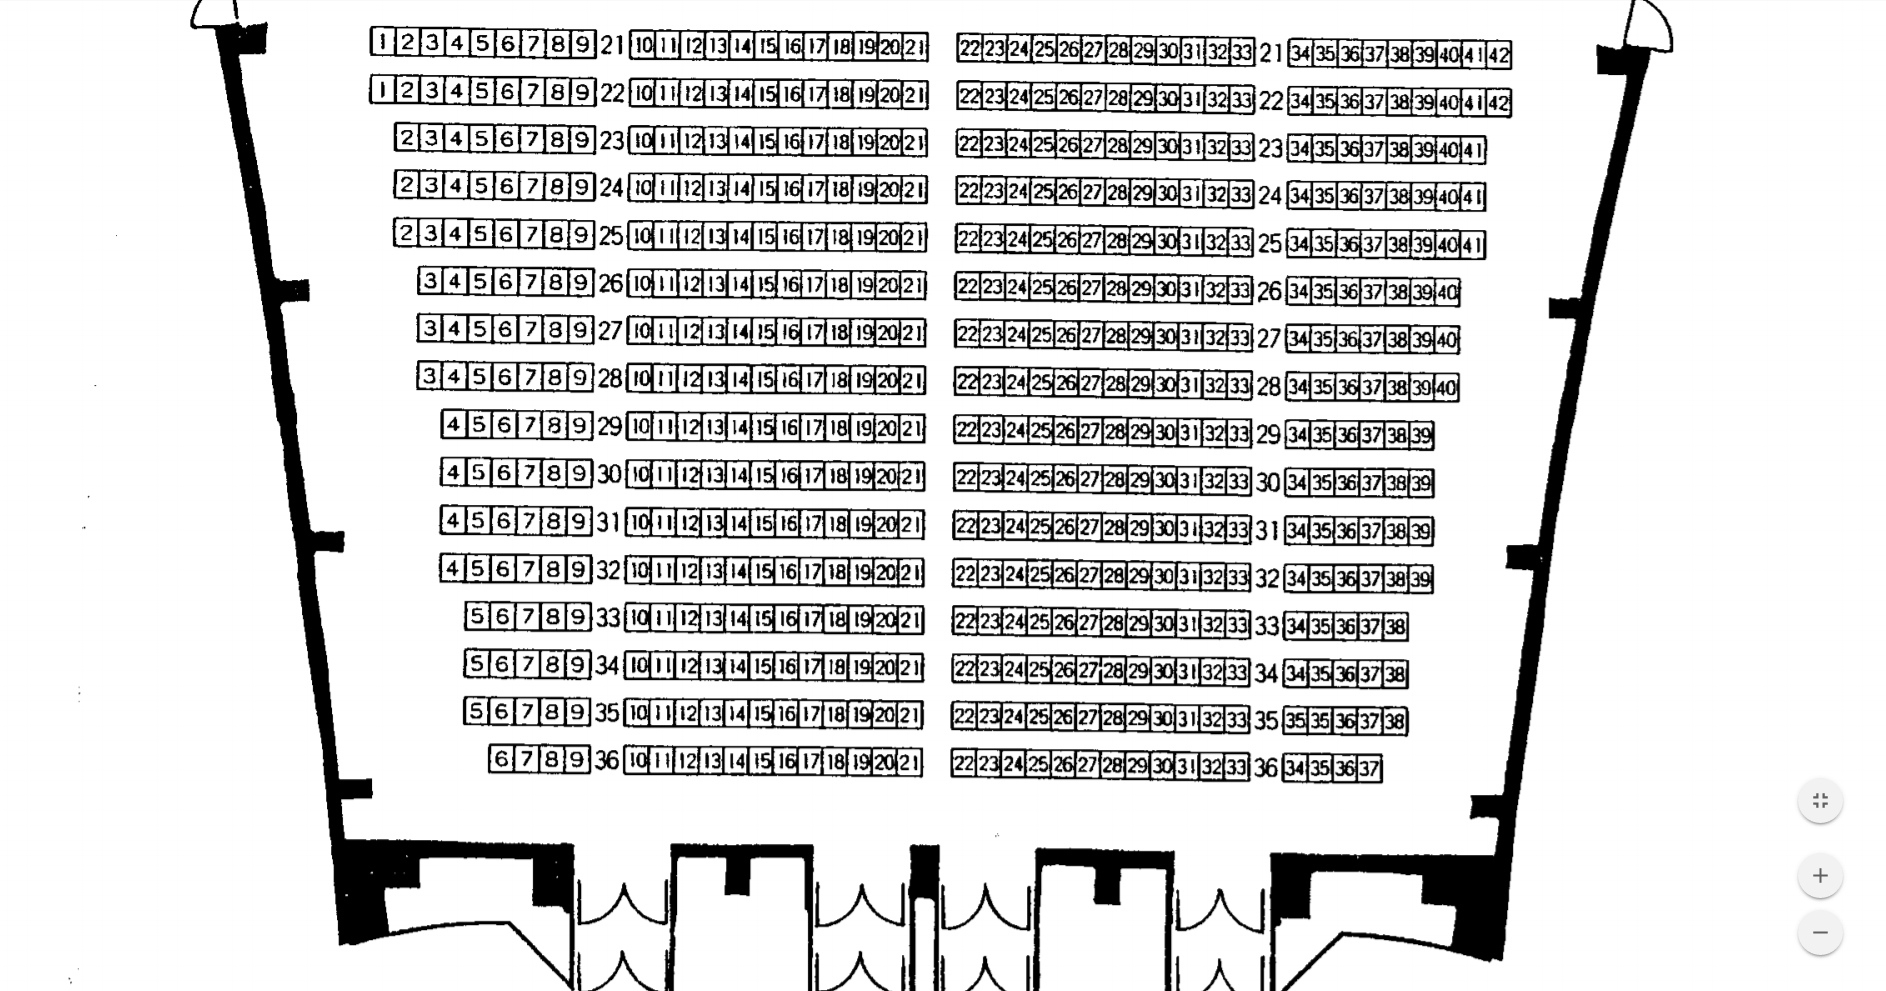 千葉県文化会館大ホール(1F前方)座席表